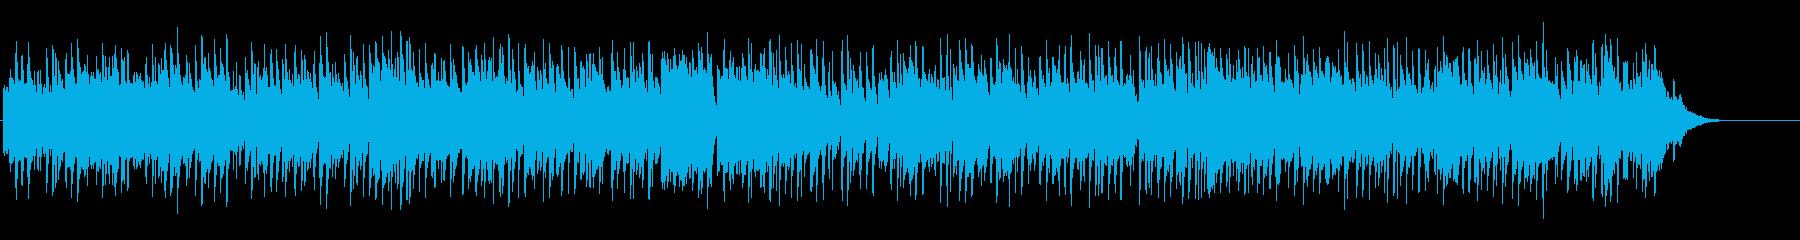 ほのぼのと優しいカントリーポップの再生済みの波形